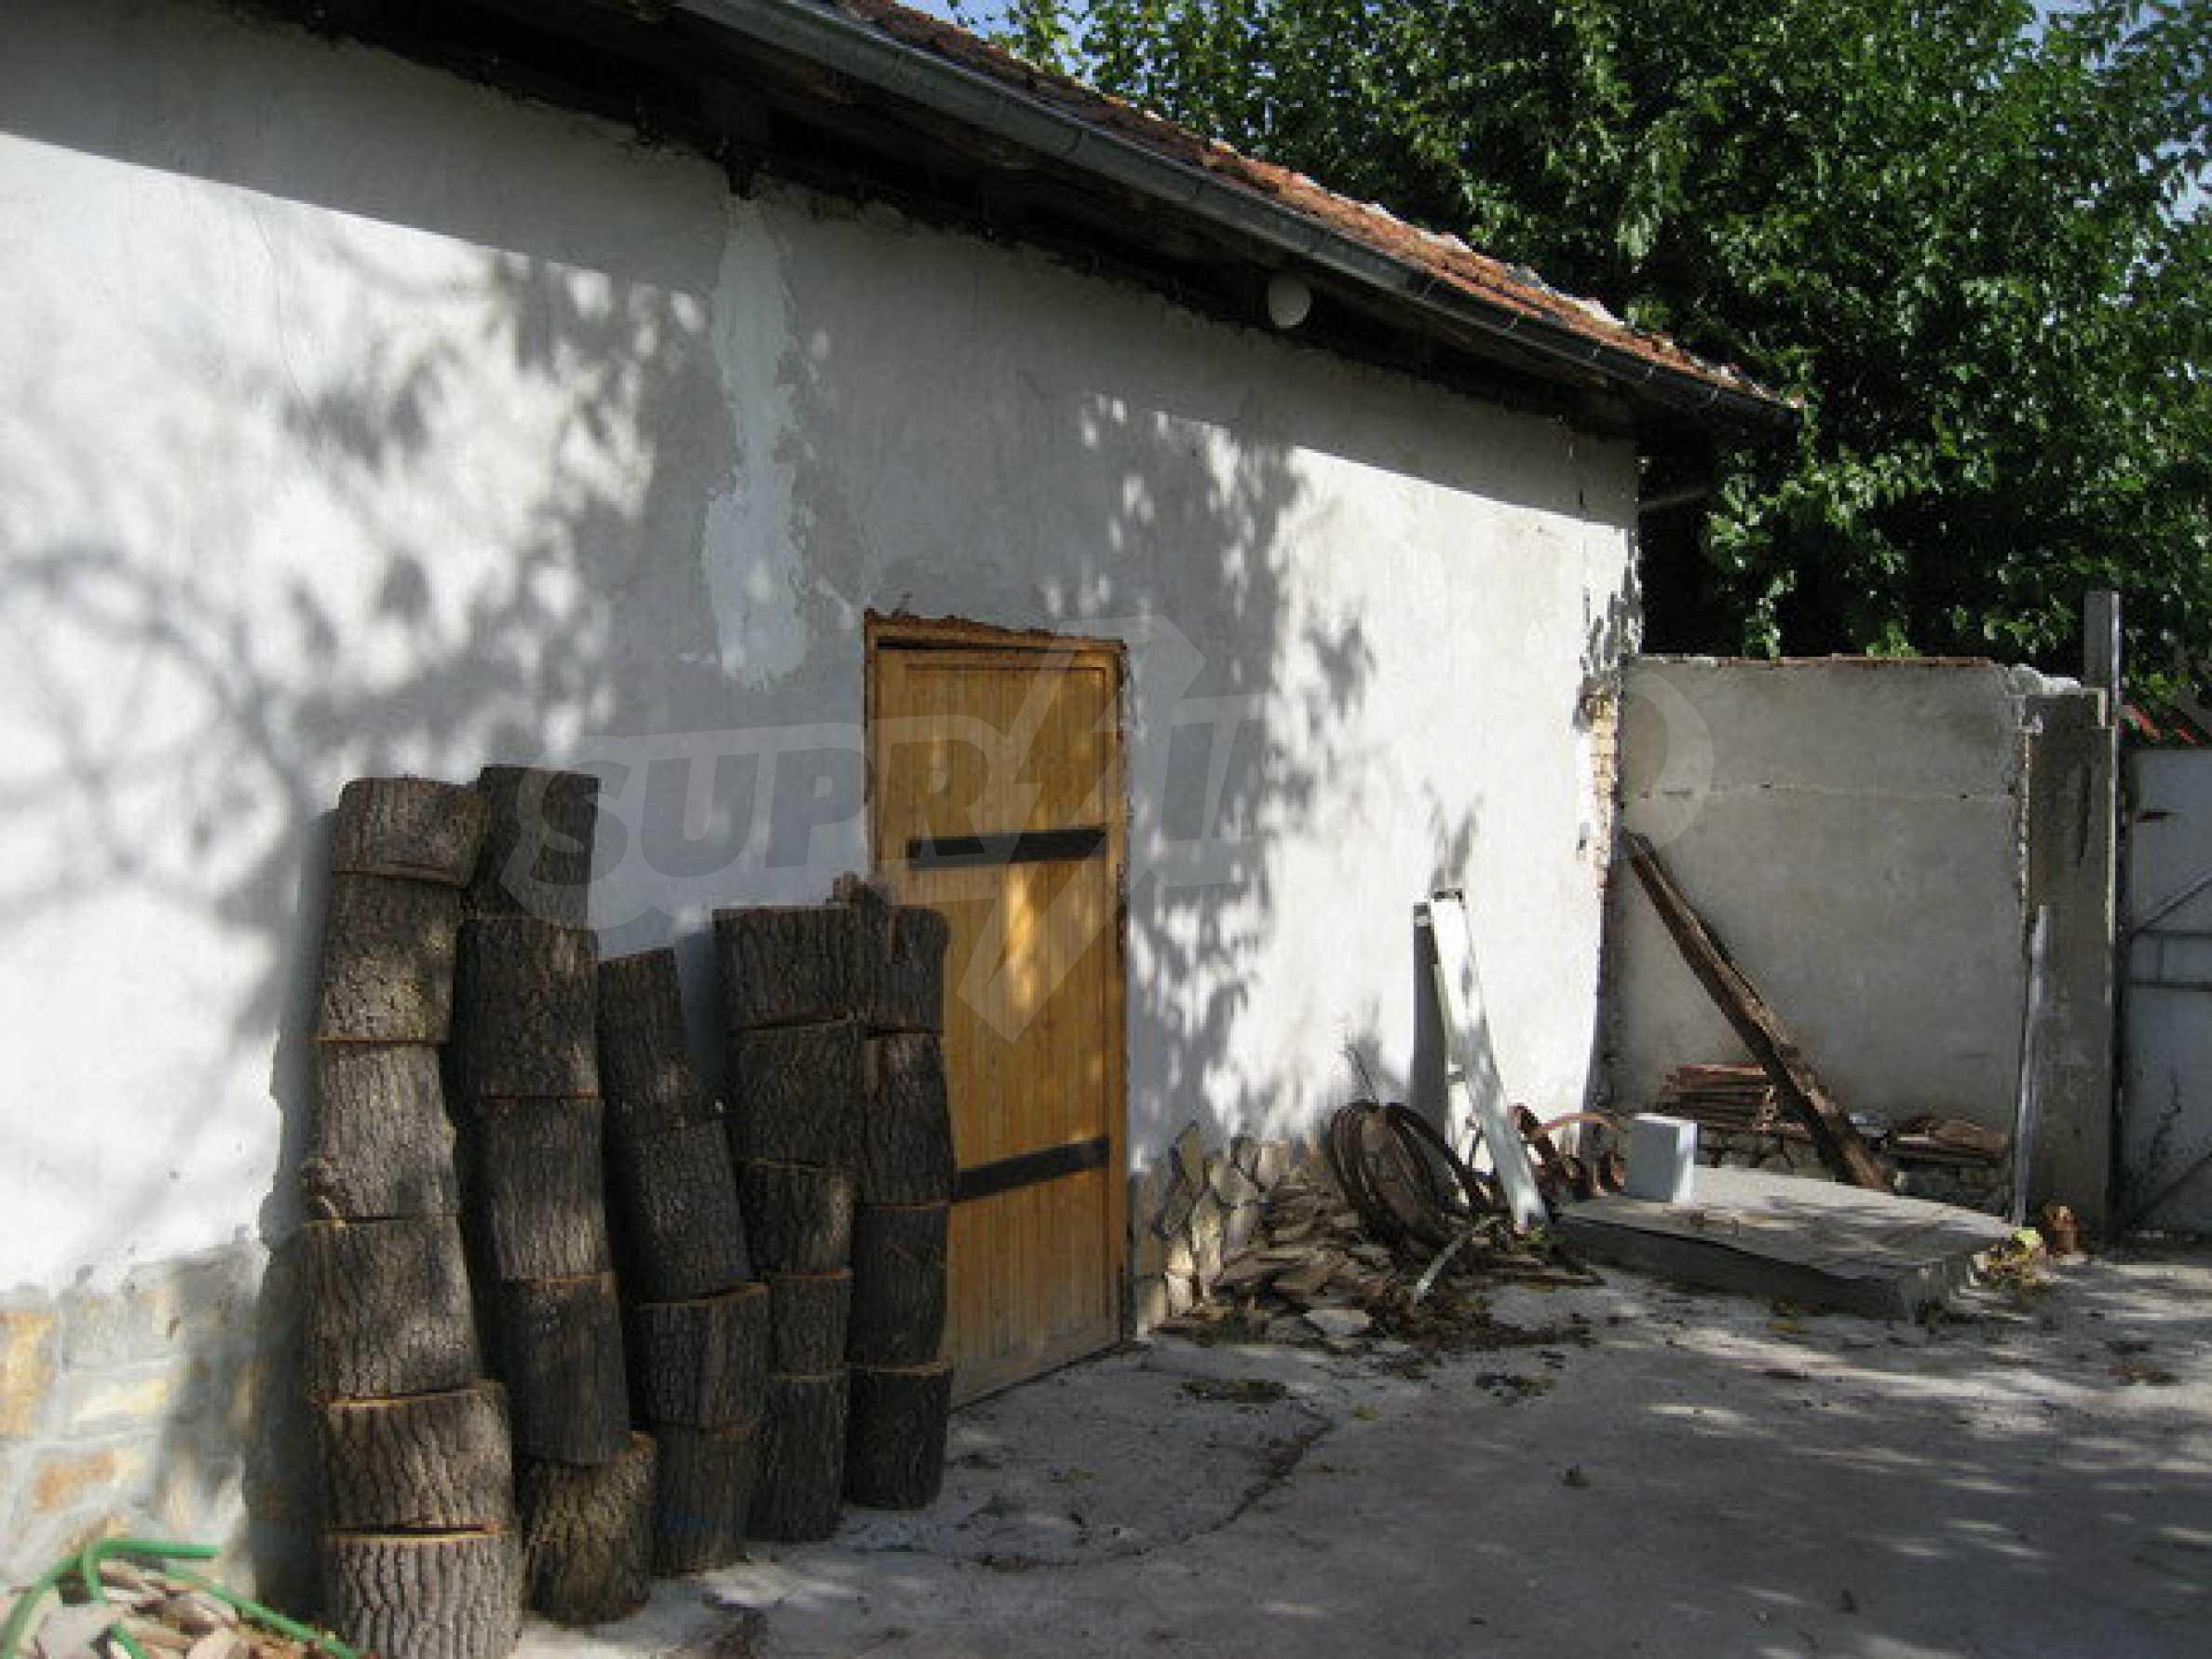 Wohnhaus in einer malerischen Gegend in der Nähe von Veliko Tarnovo 29